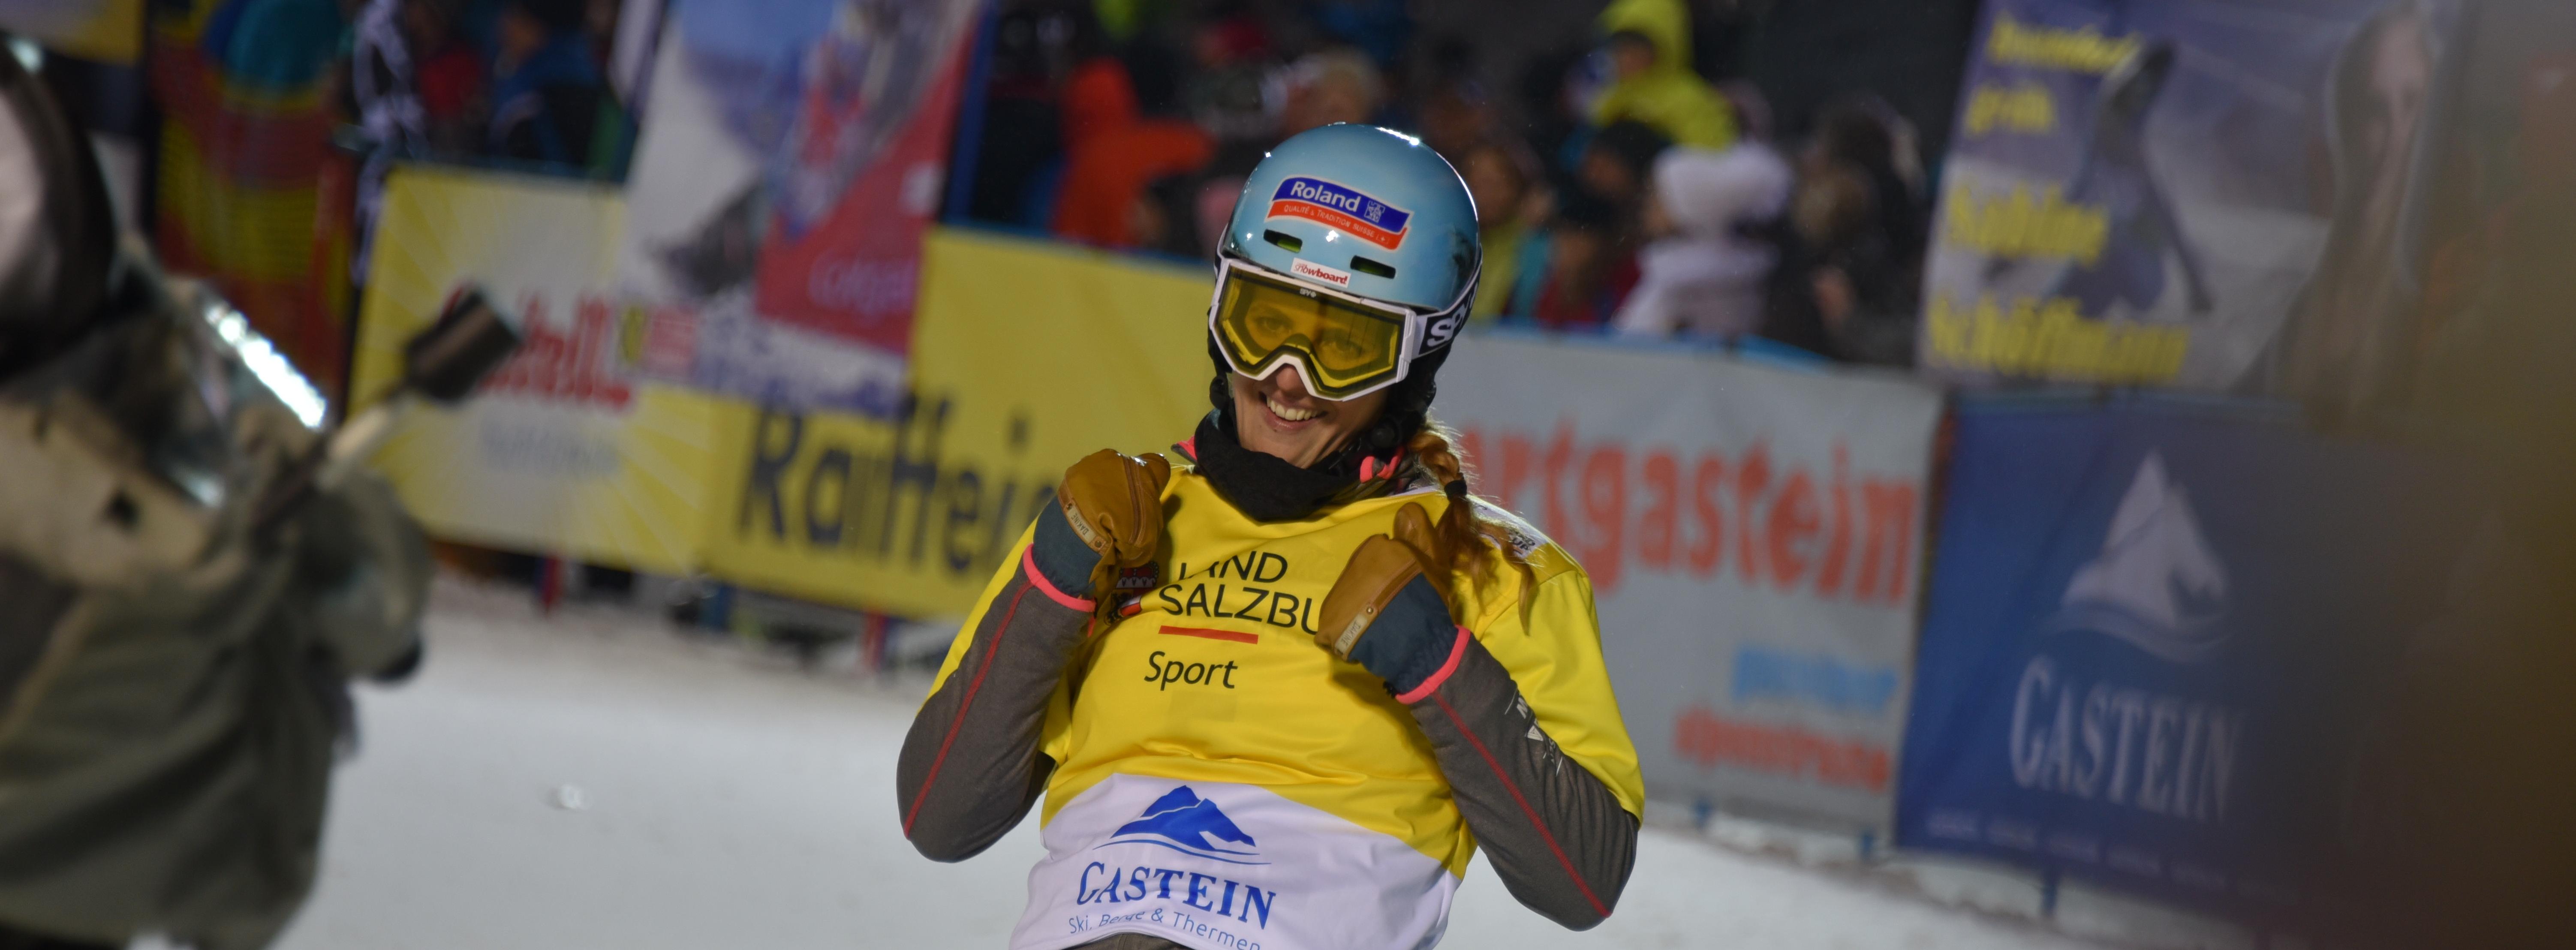 Patrizia Kummer jubelt über den Sieg am Weltcuprennen in Bad Gastein im Januar 2016.